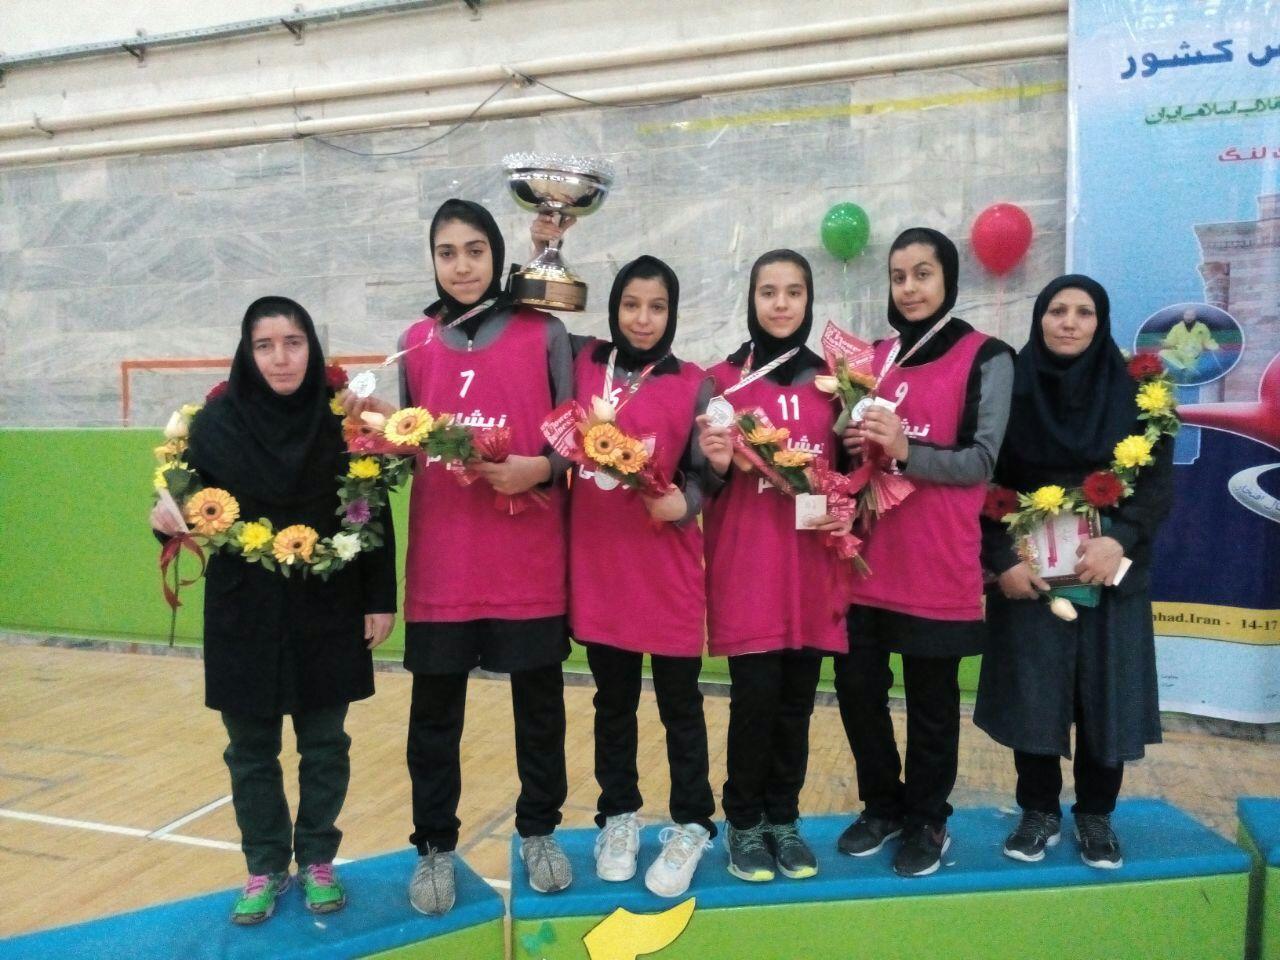 دانش آموزان نیشابوری نایب قهرمان مسابقات بسکتبال کشور